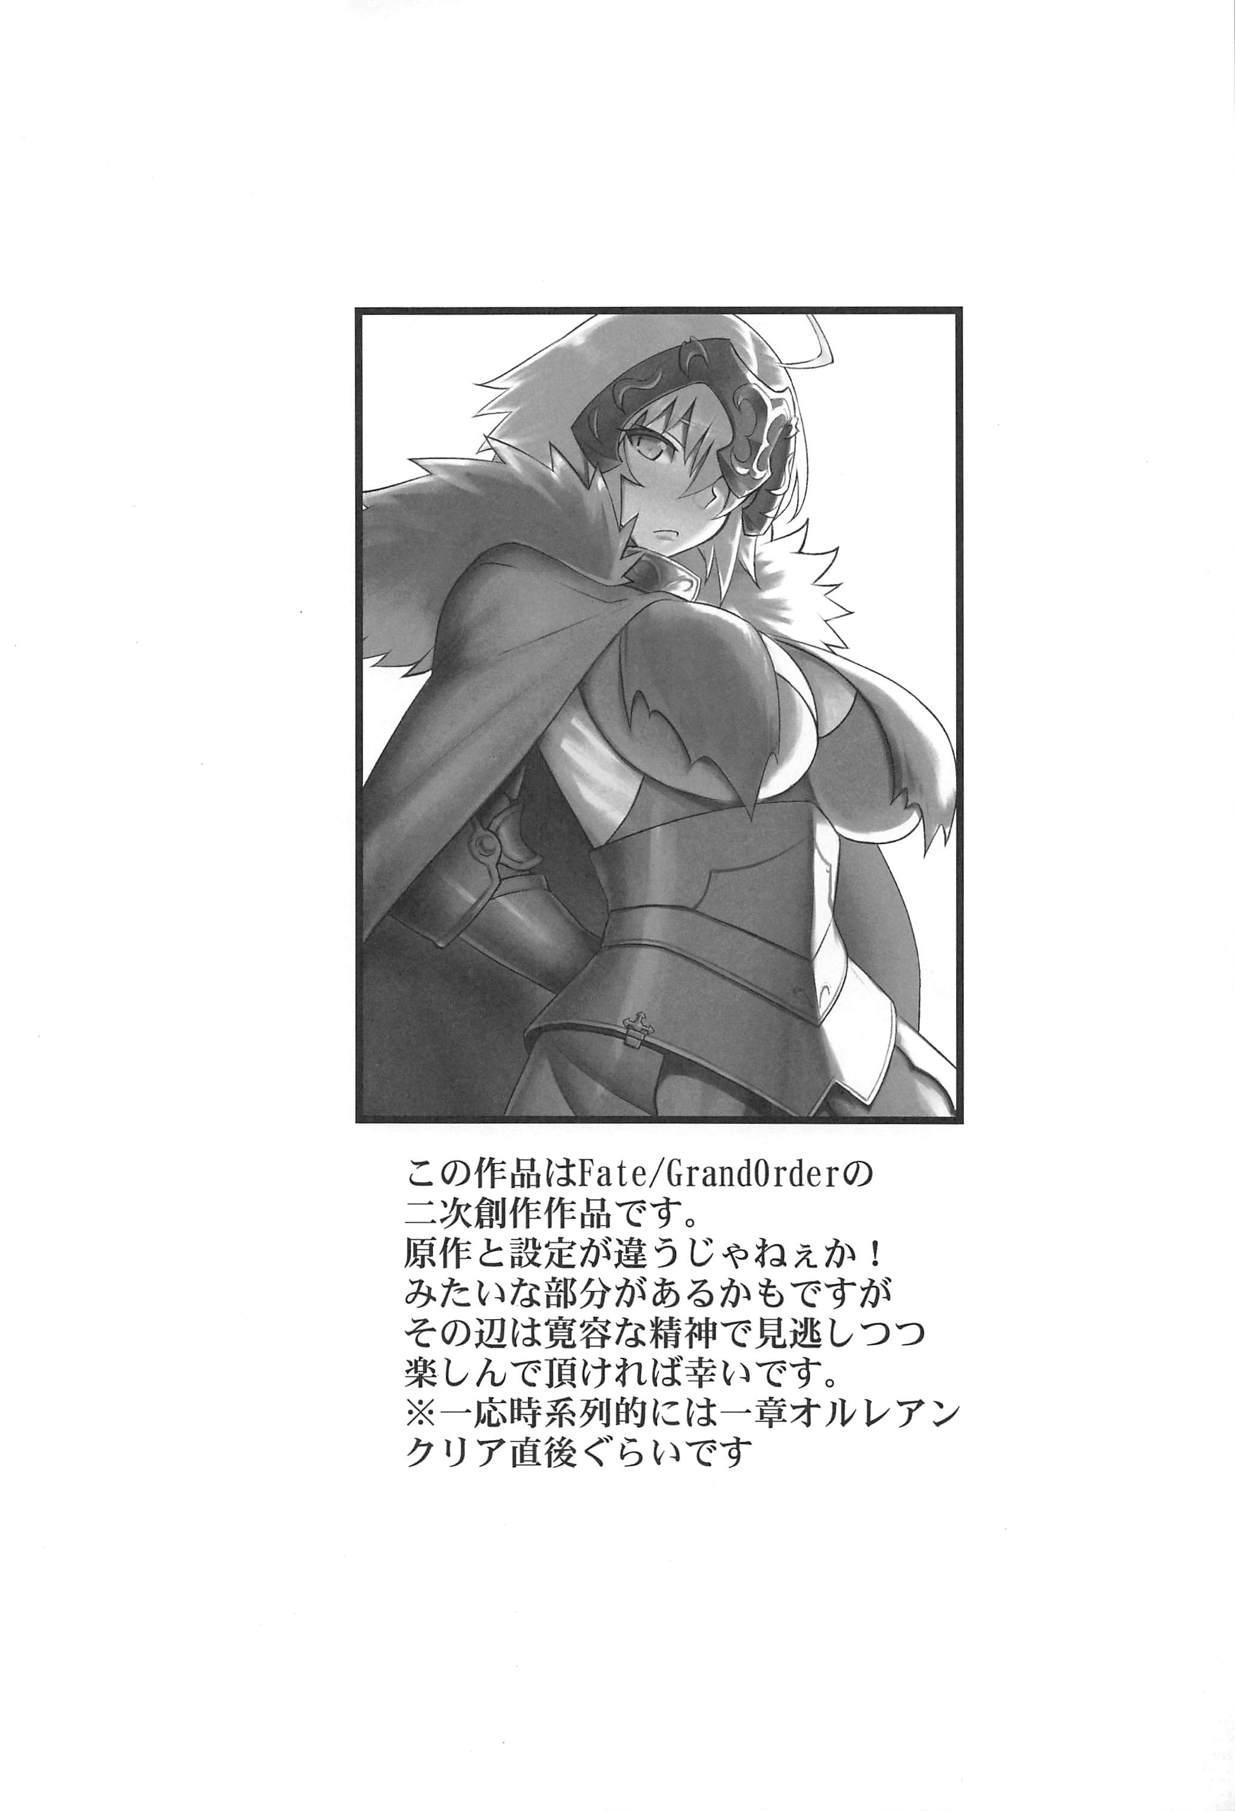 Sugao no Mama no Kimi de Ite 1